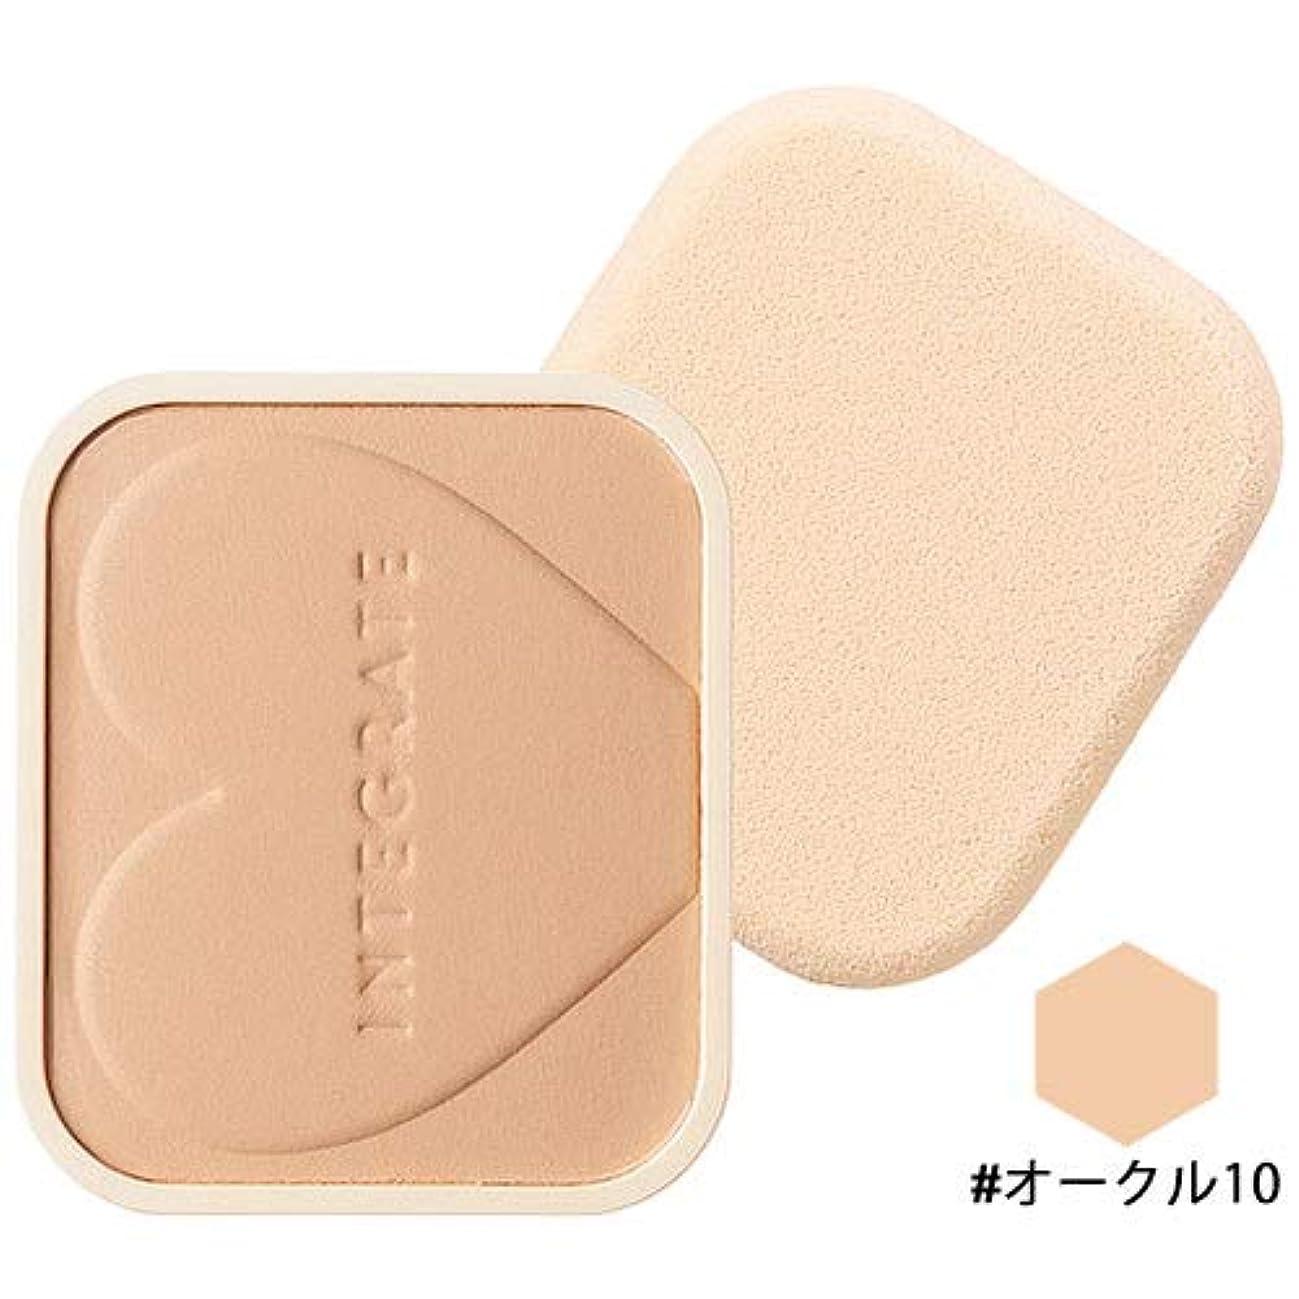 納屋容量誕生日資生堂 SHISEIDO インテグレート プロフィニッシュファンデーション(レフィル) #オークル10 [並行輸入品]